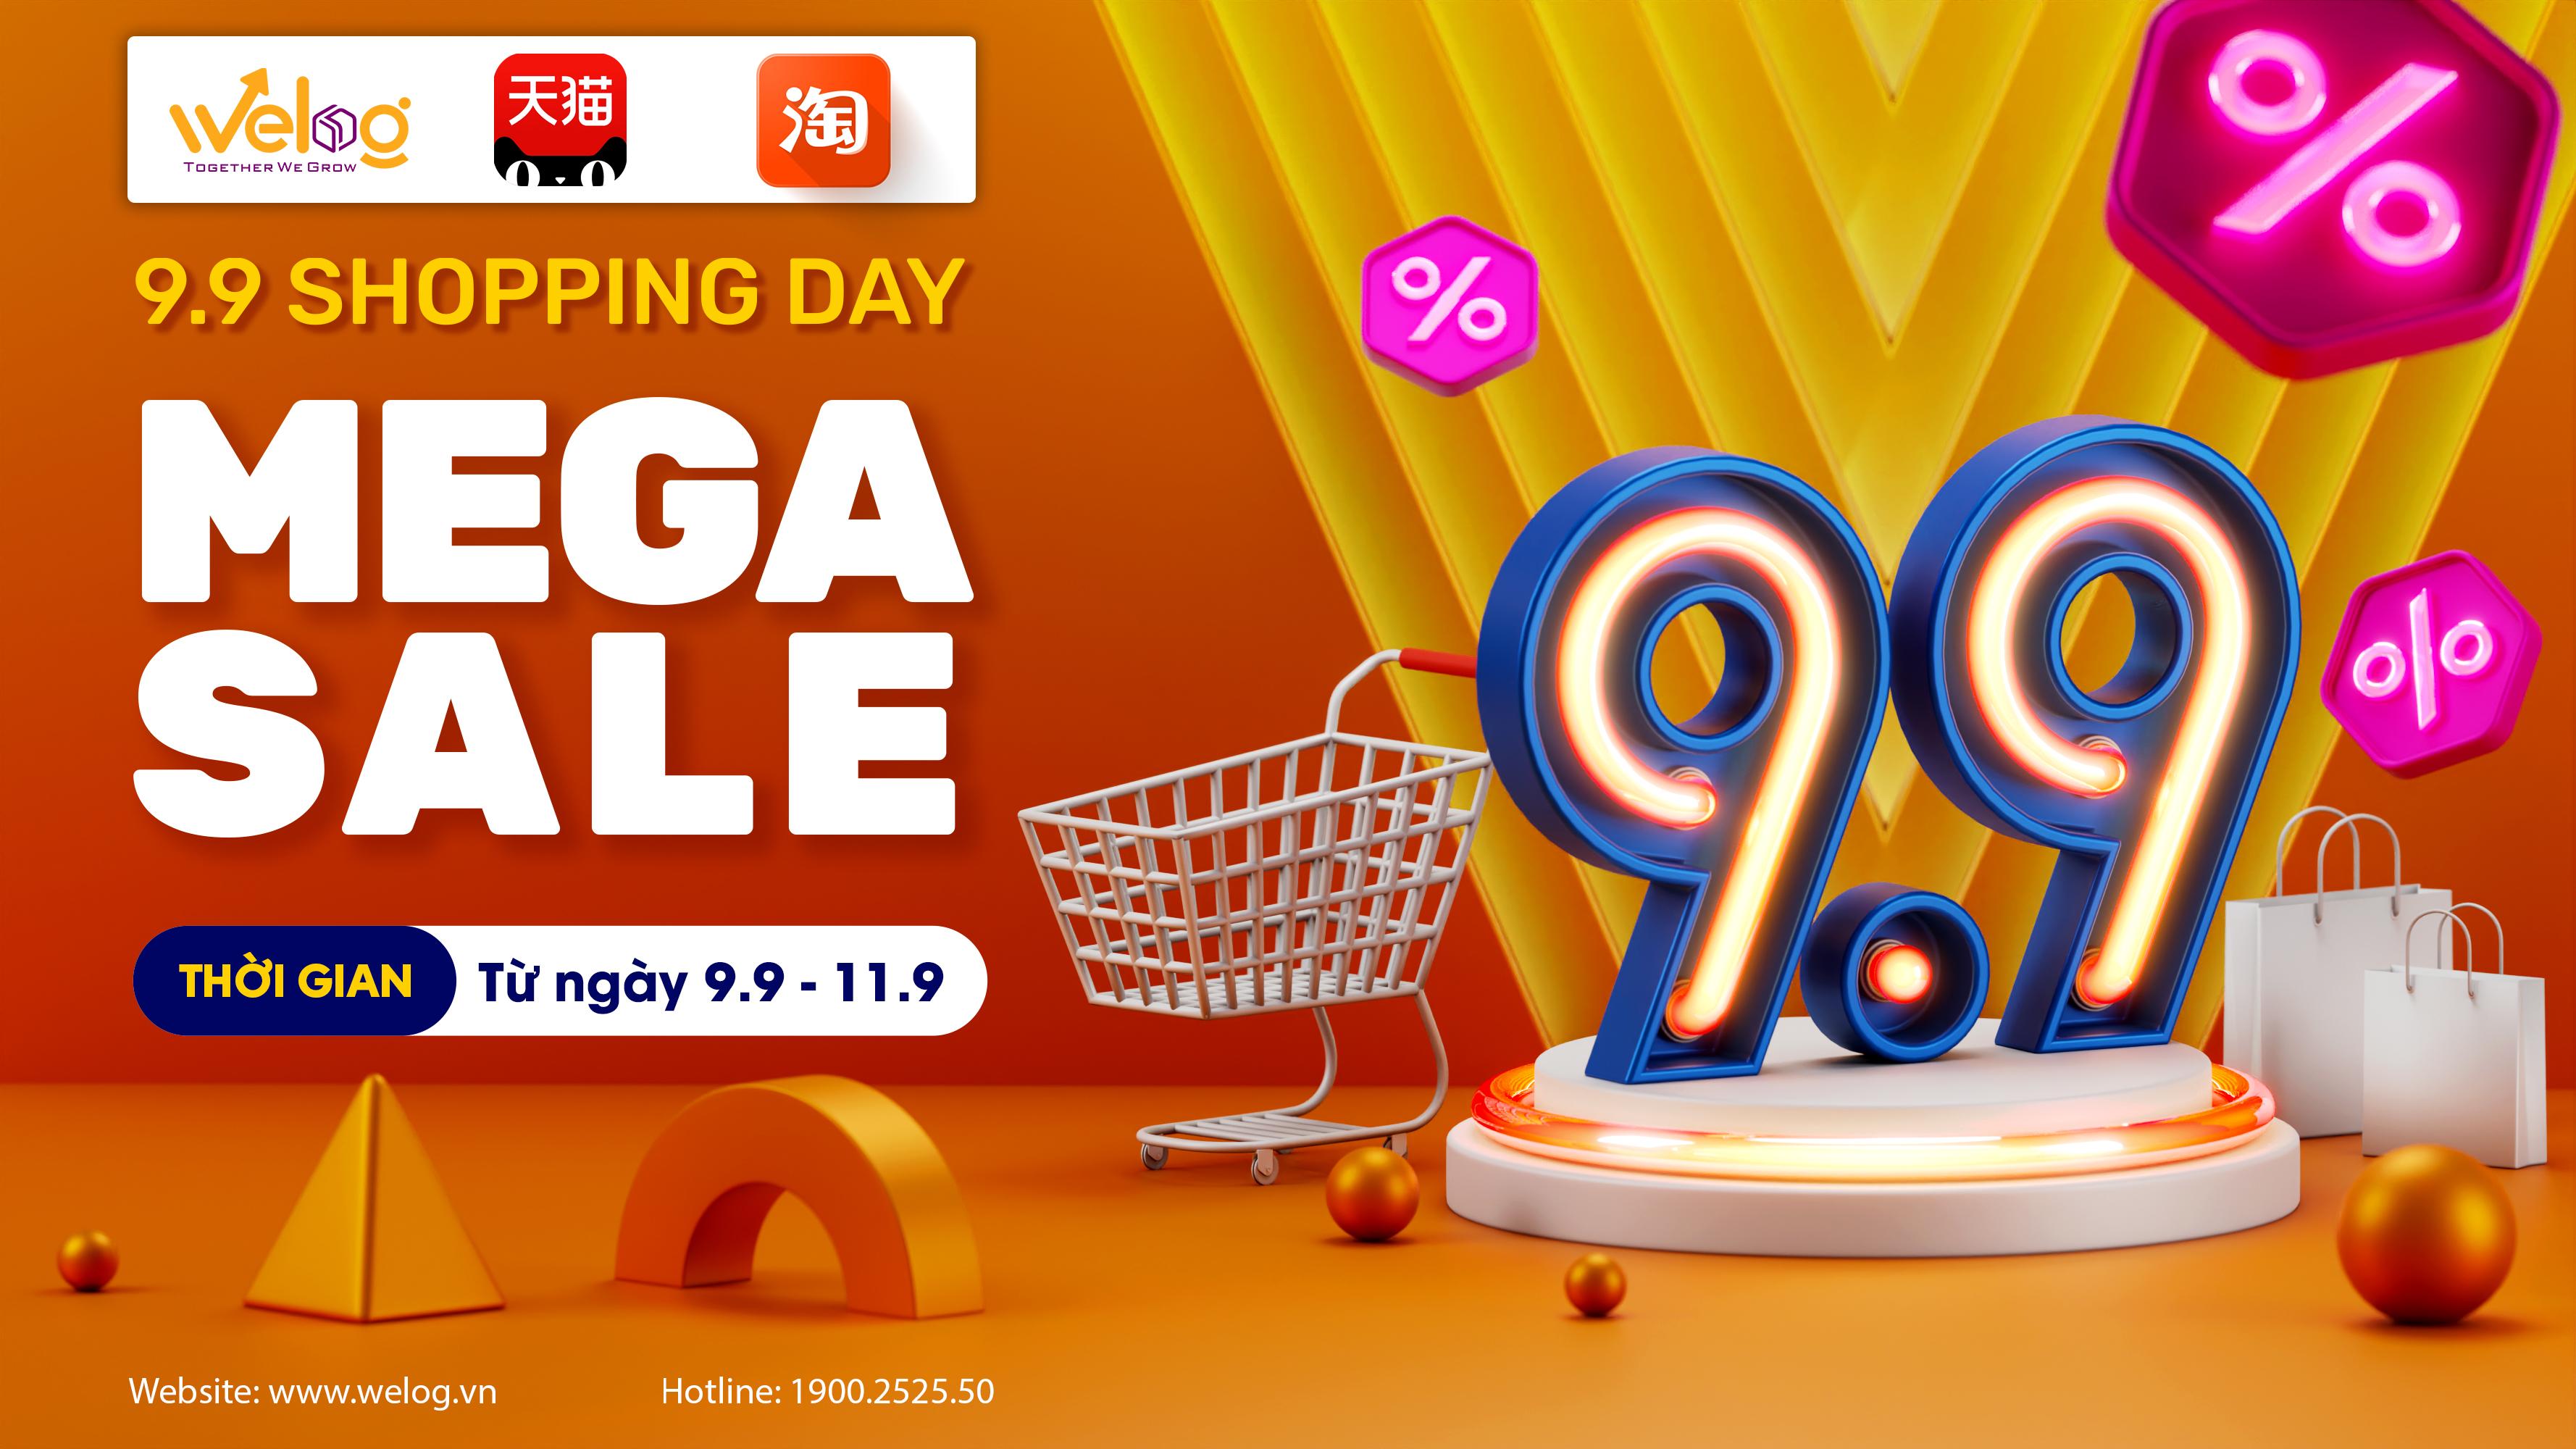 Taobao tmall sale 9.9